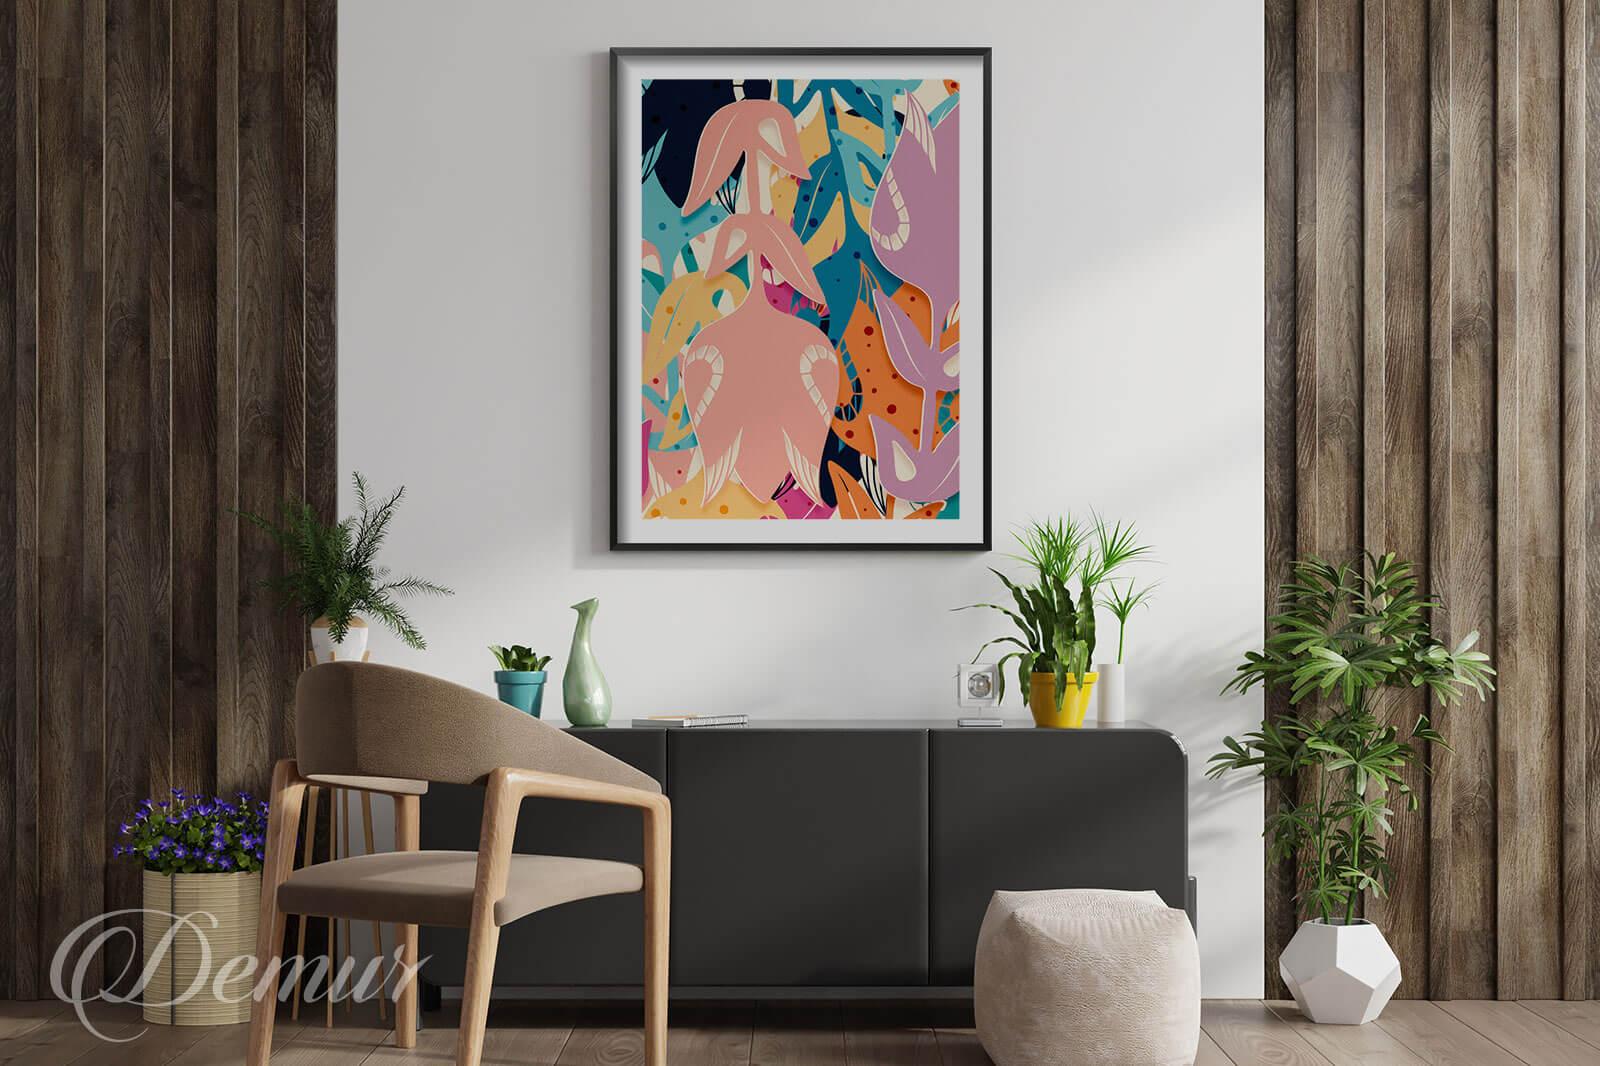 Plakat Kolorowe kwiaty - Plakaty w ramie - Demur